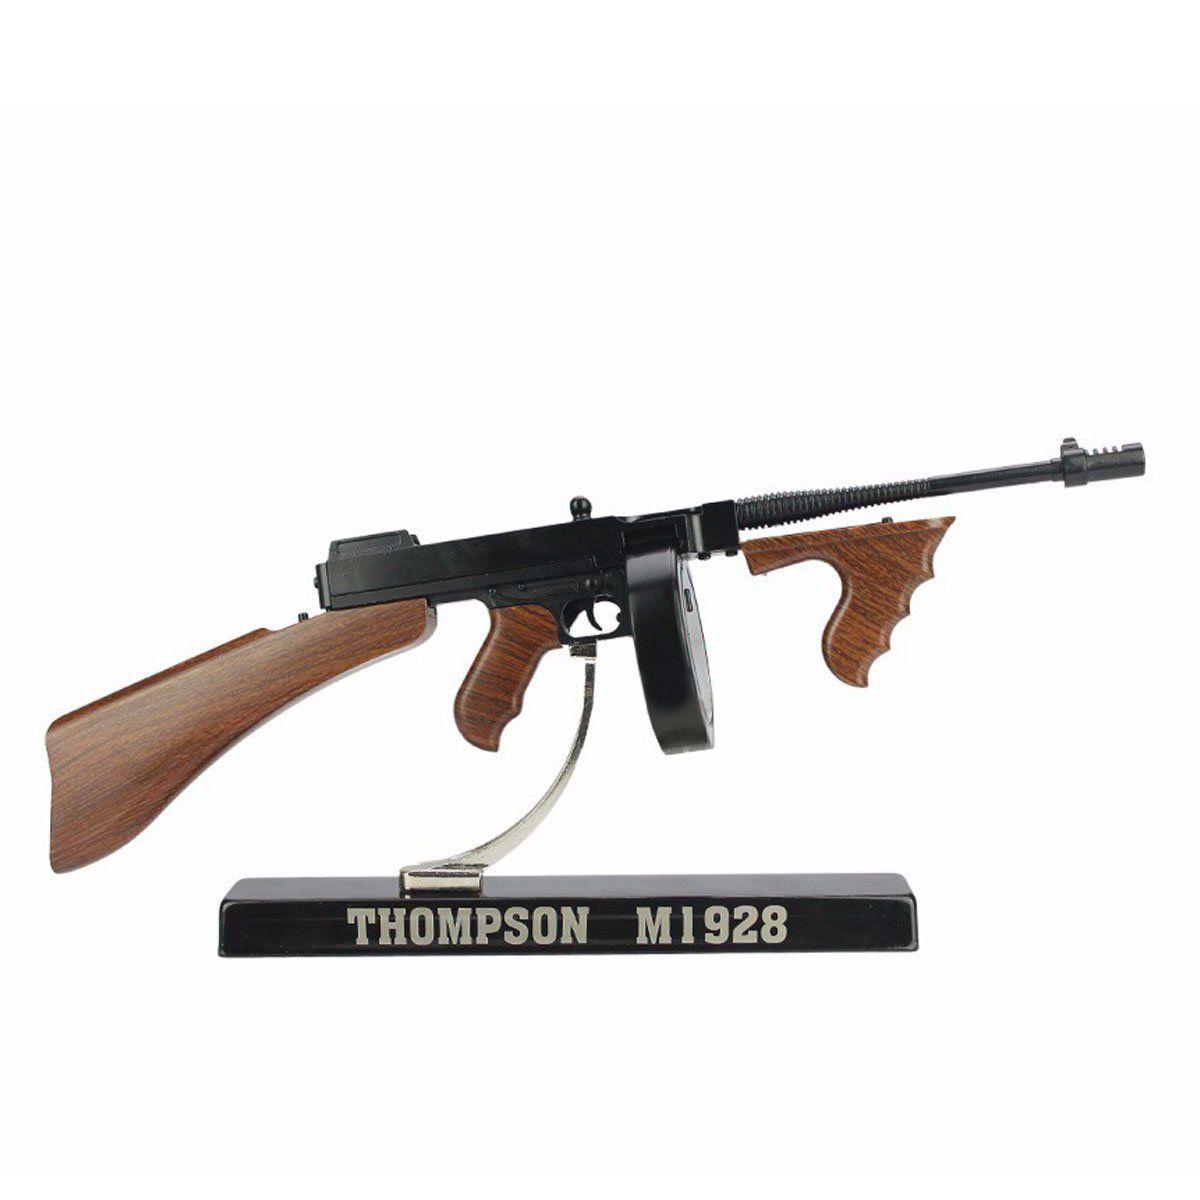 Miniatura de Arma de Guerra Thompson M1928